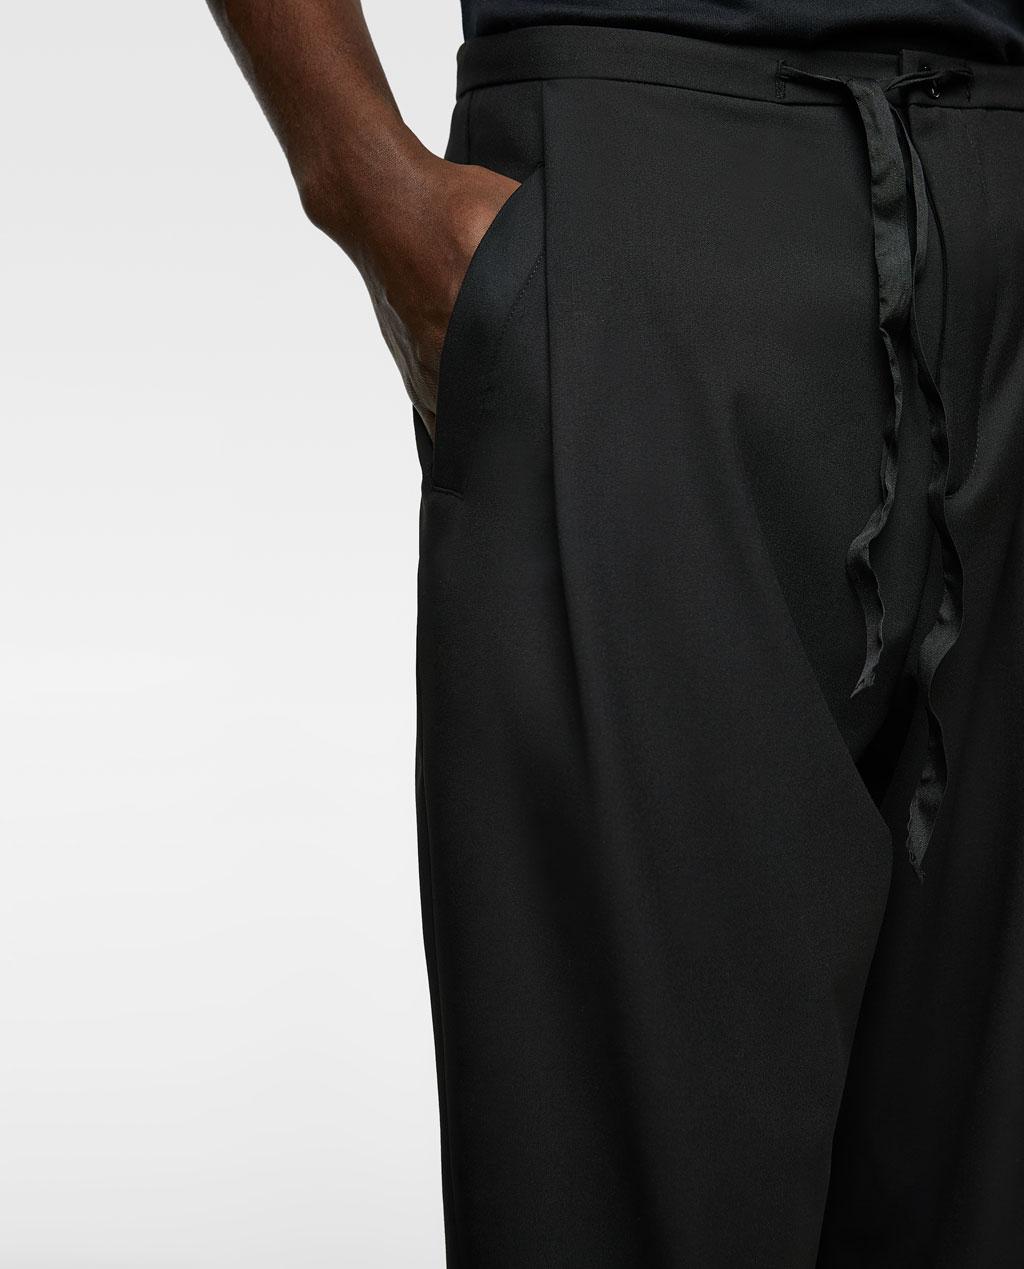 Thời trang nam Zara  23953 - ảnh 9